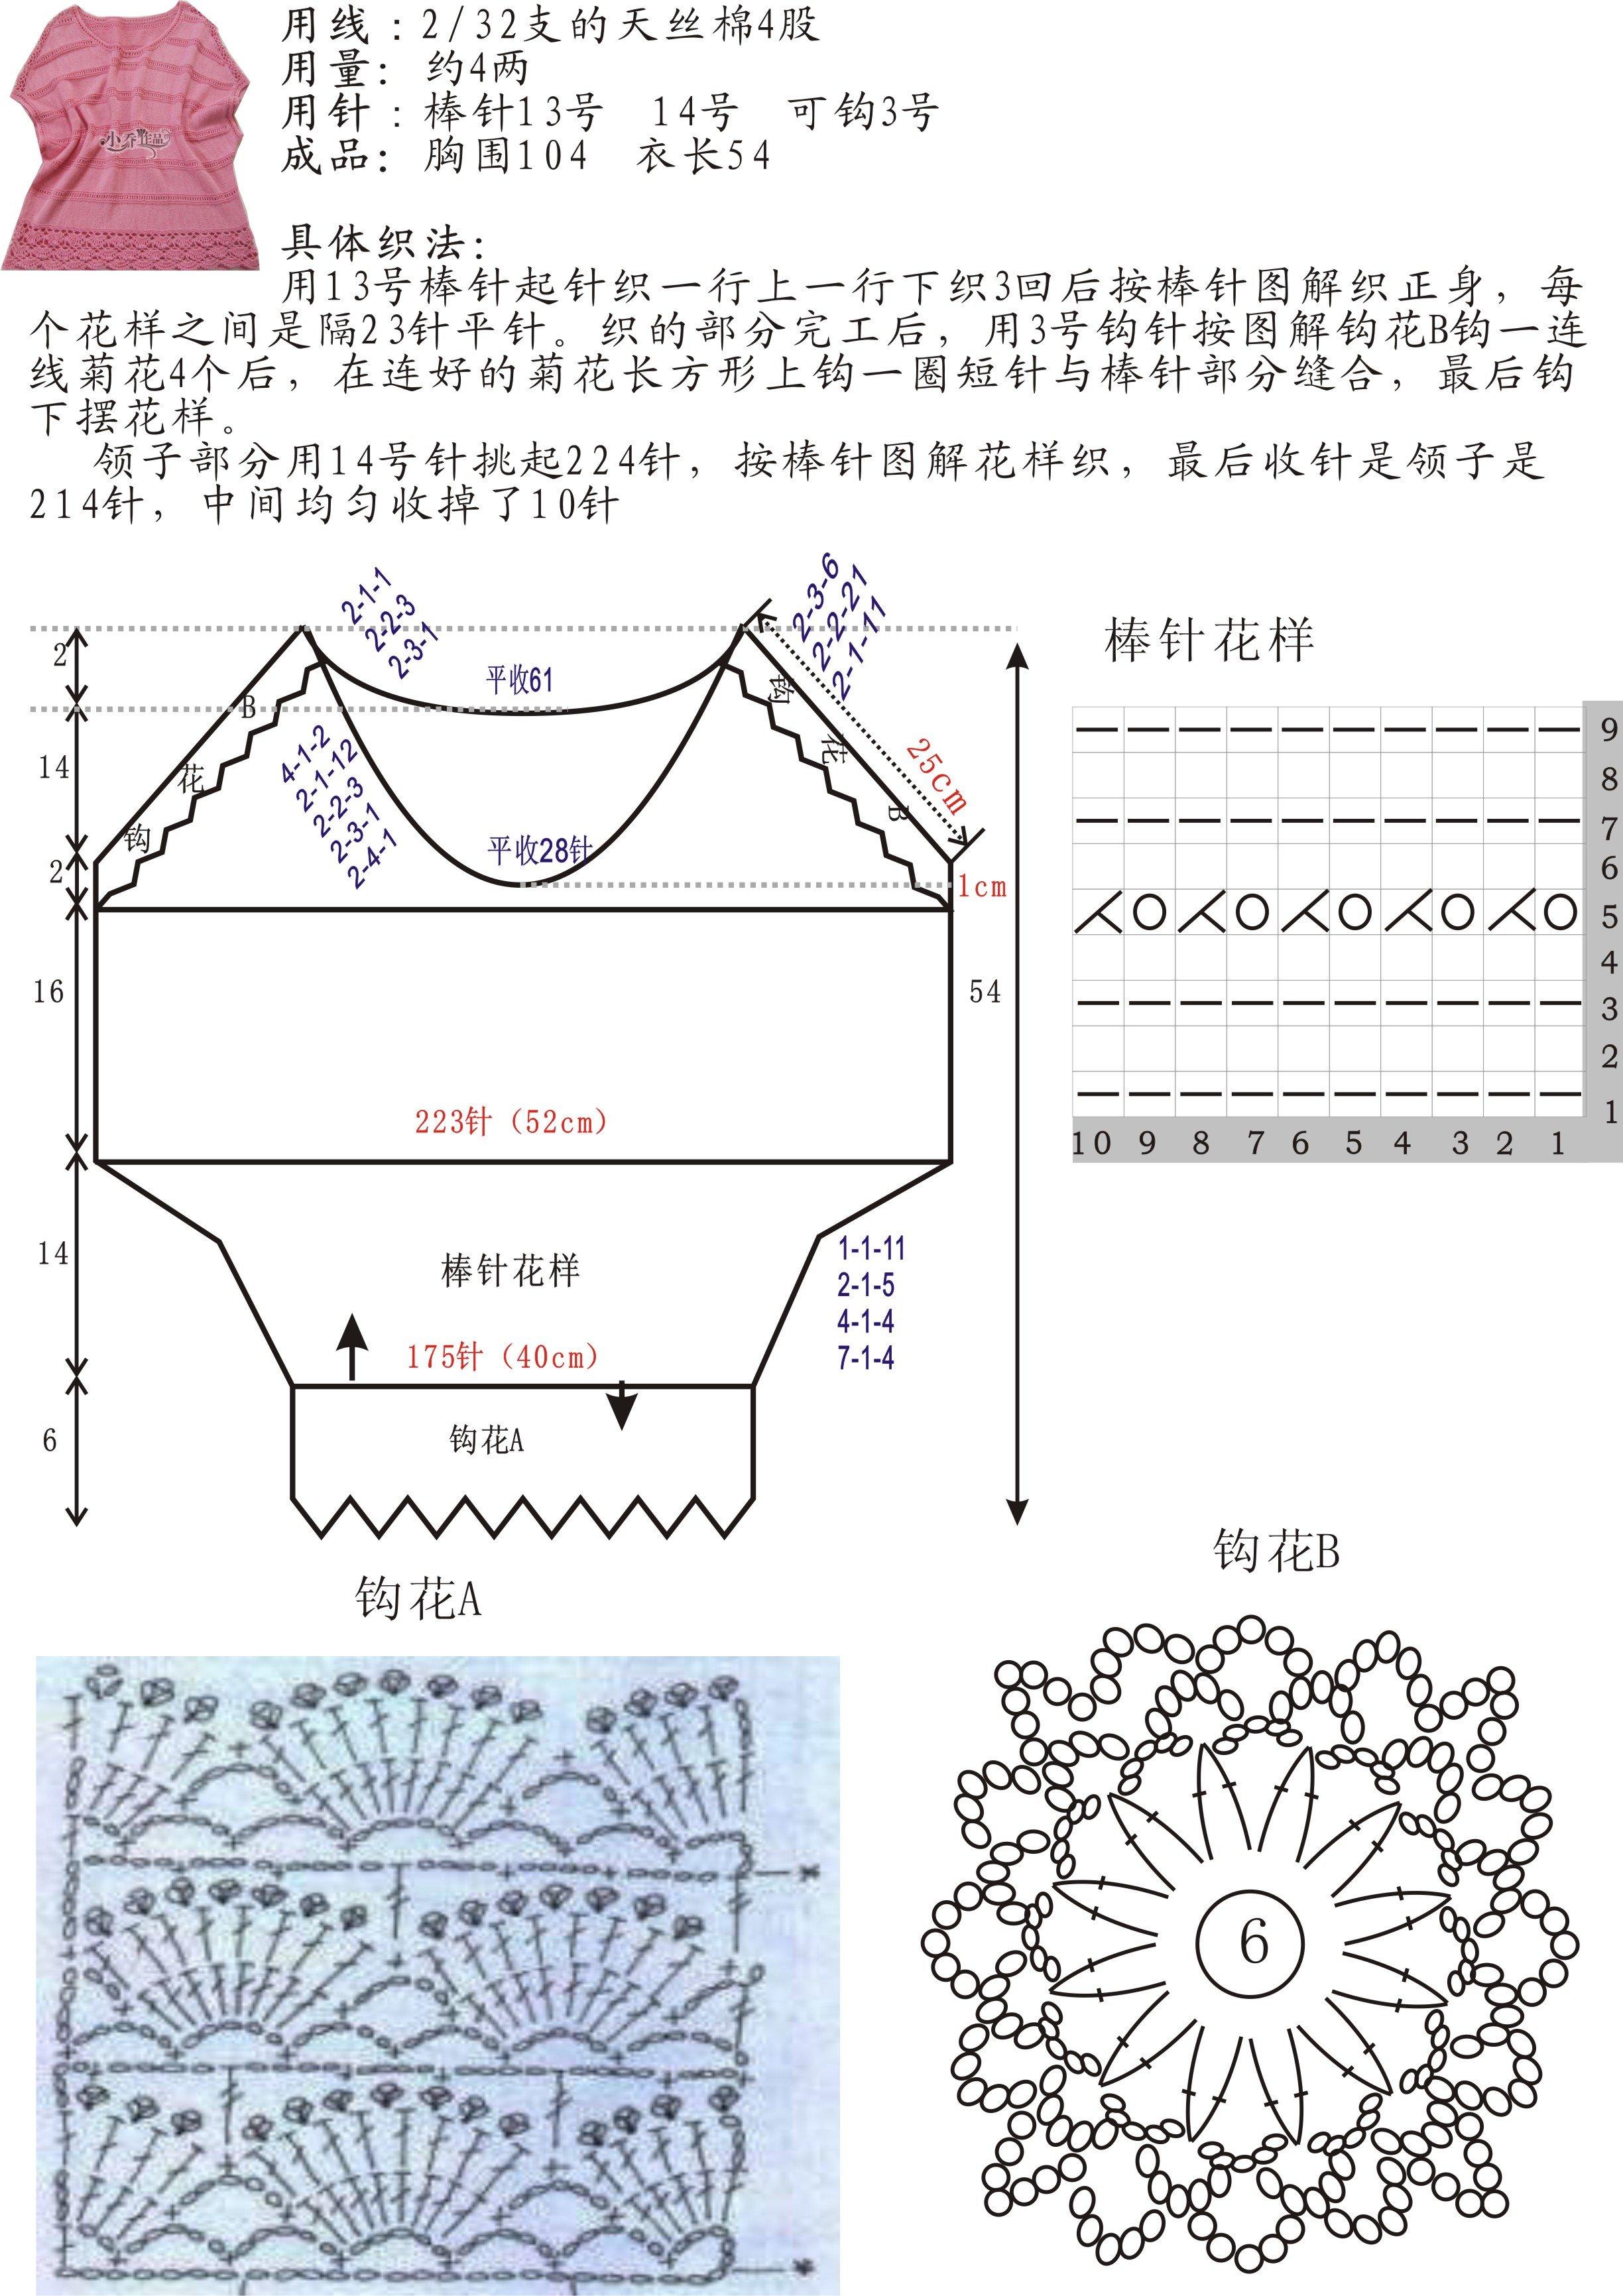 韩版衣图1.jpg